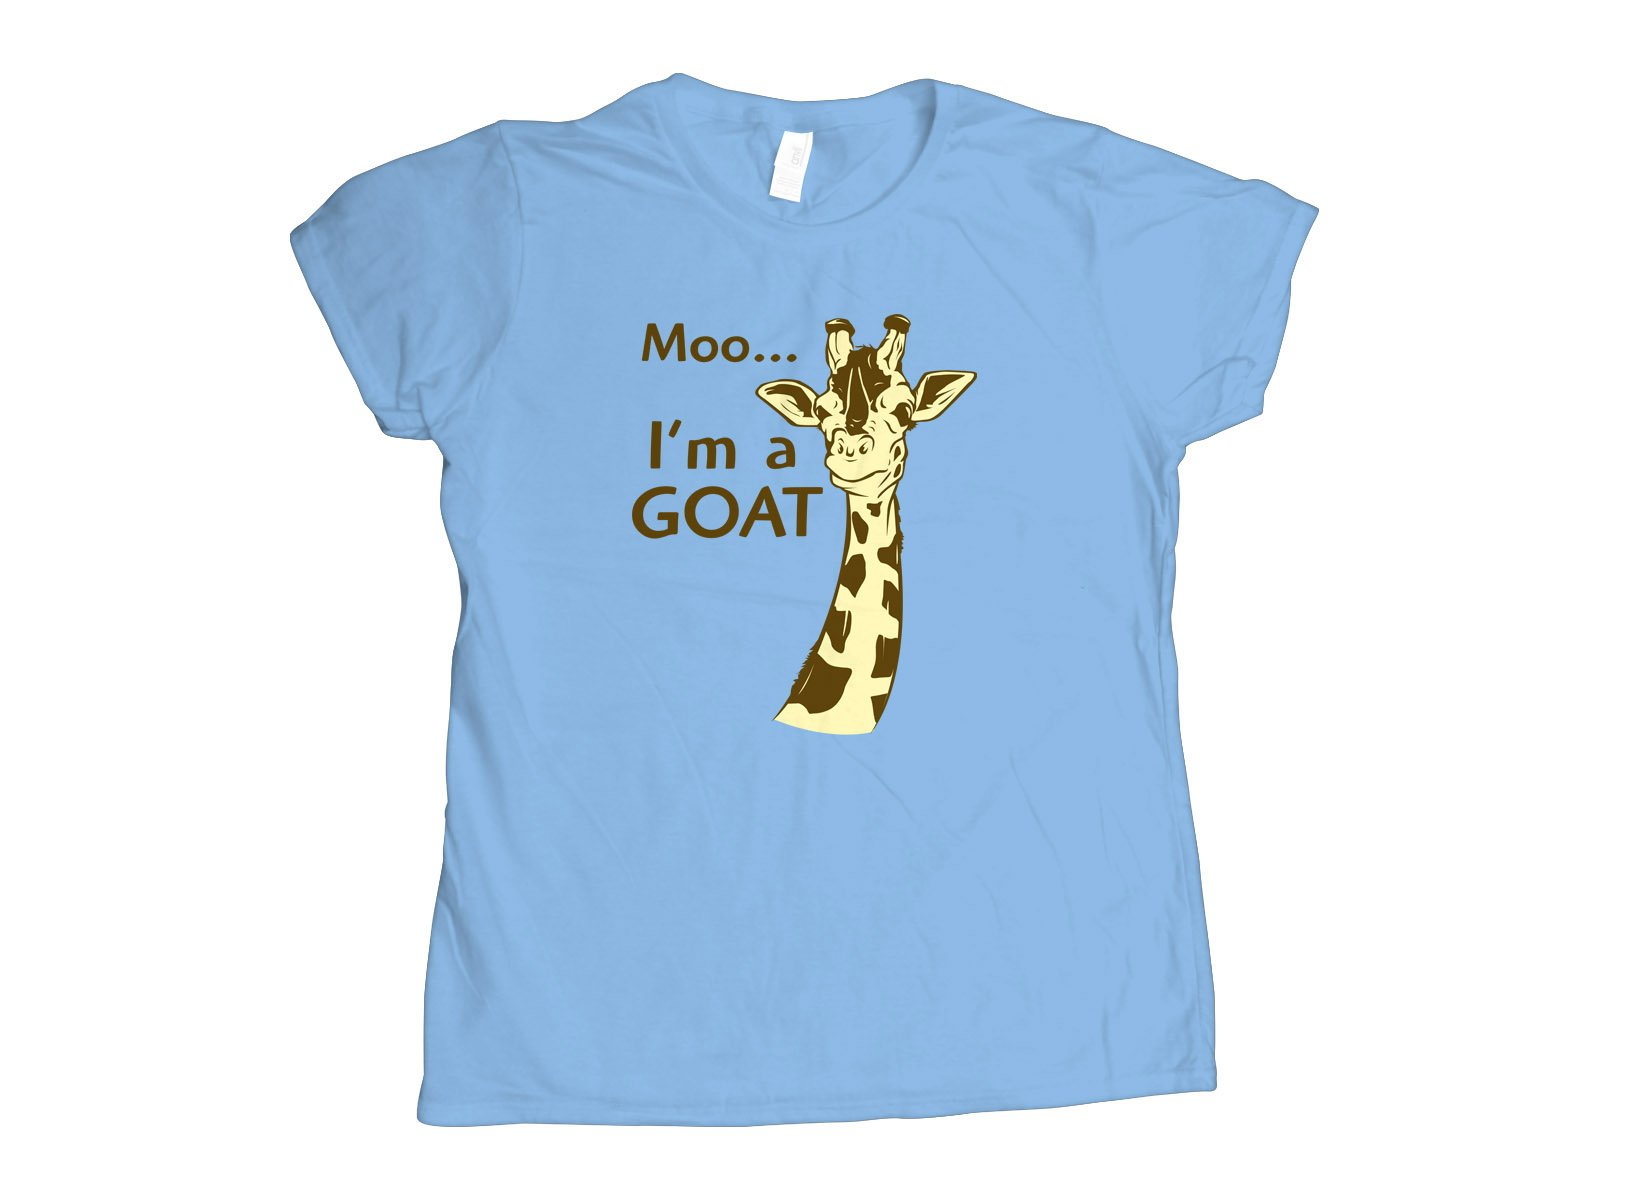 Moo, I'm A Goat on Womens T-Shirt